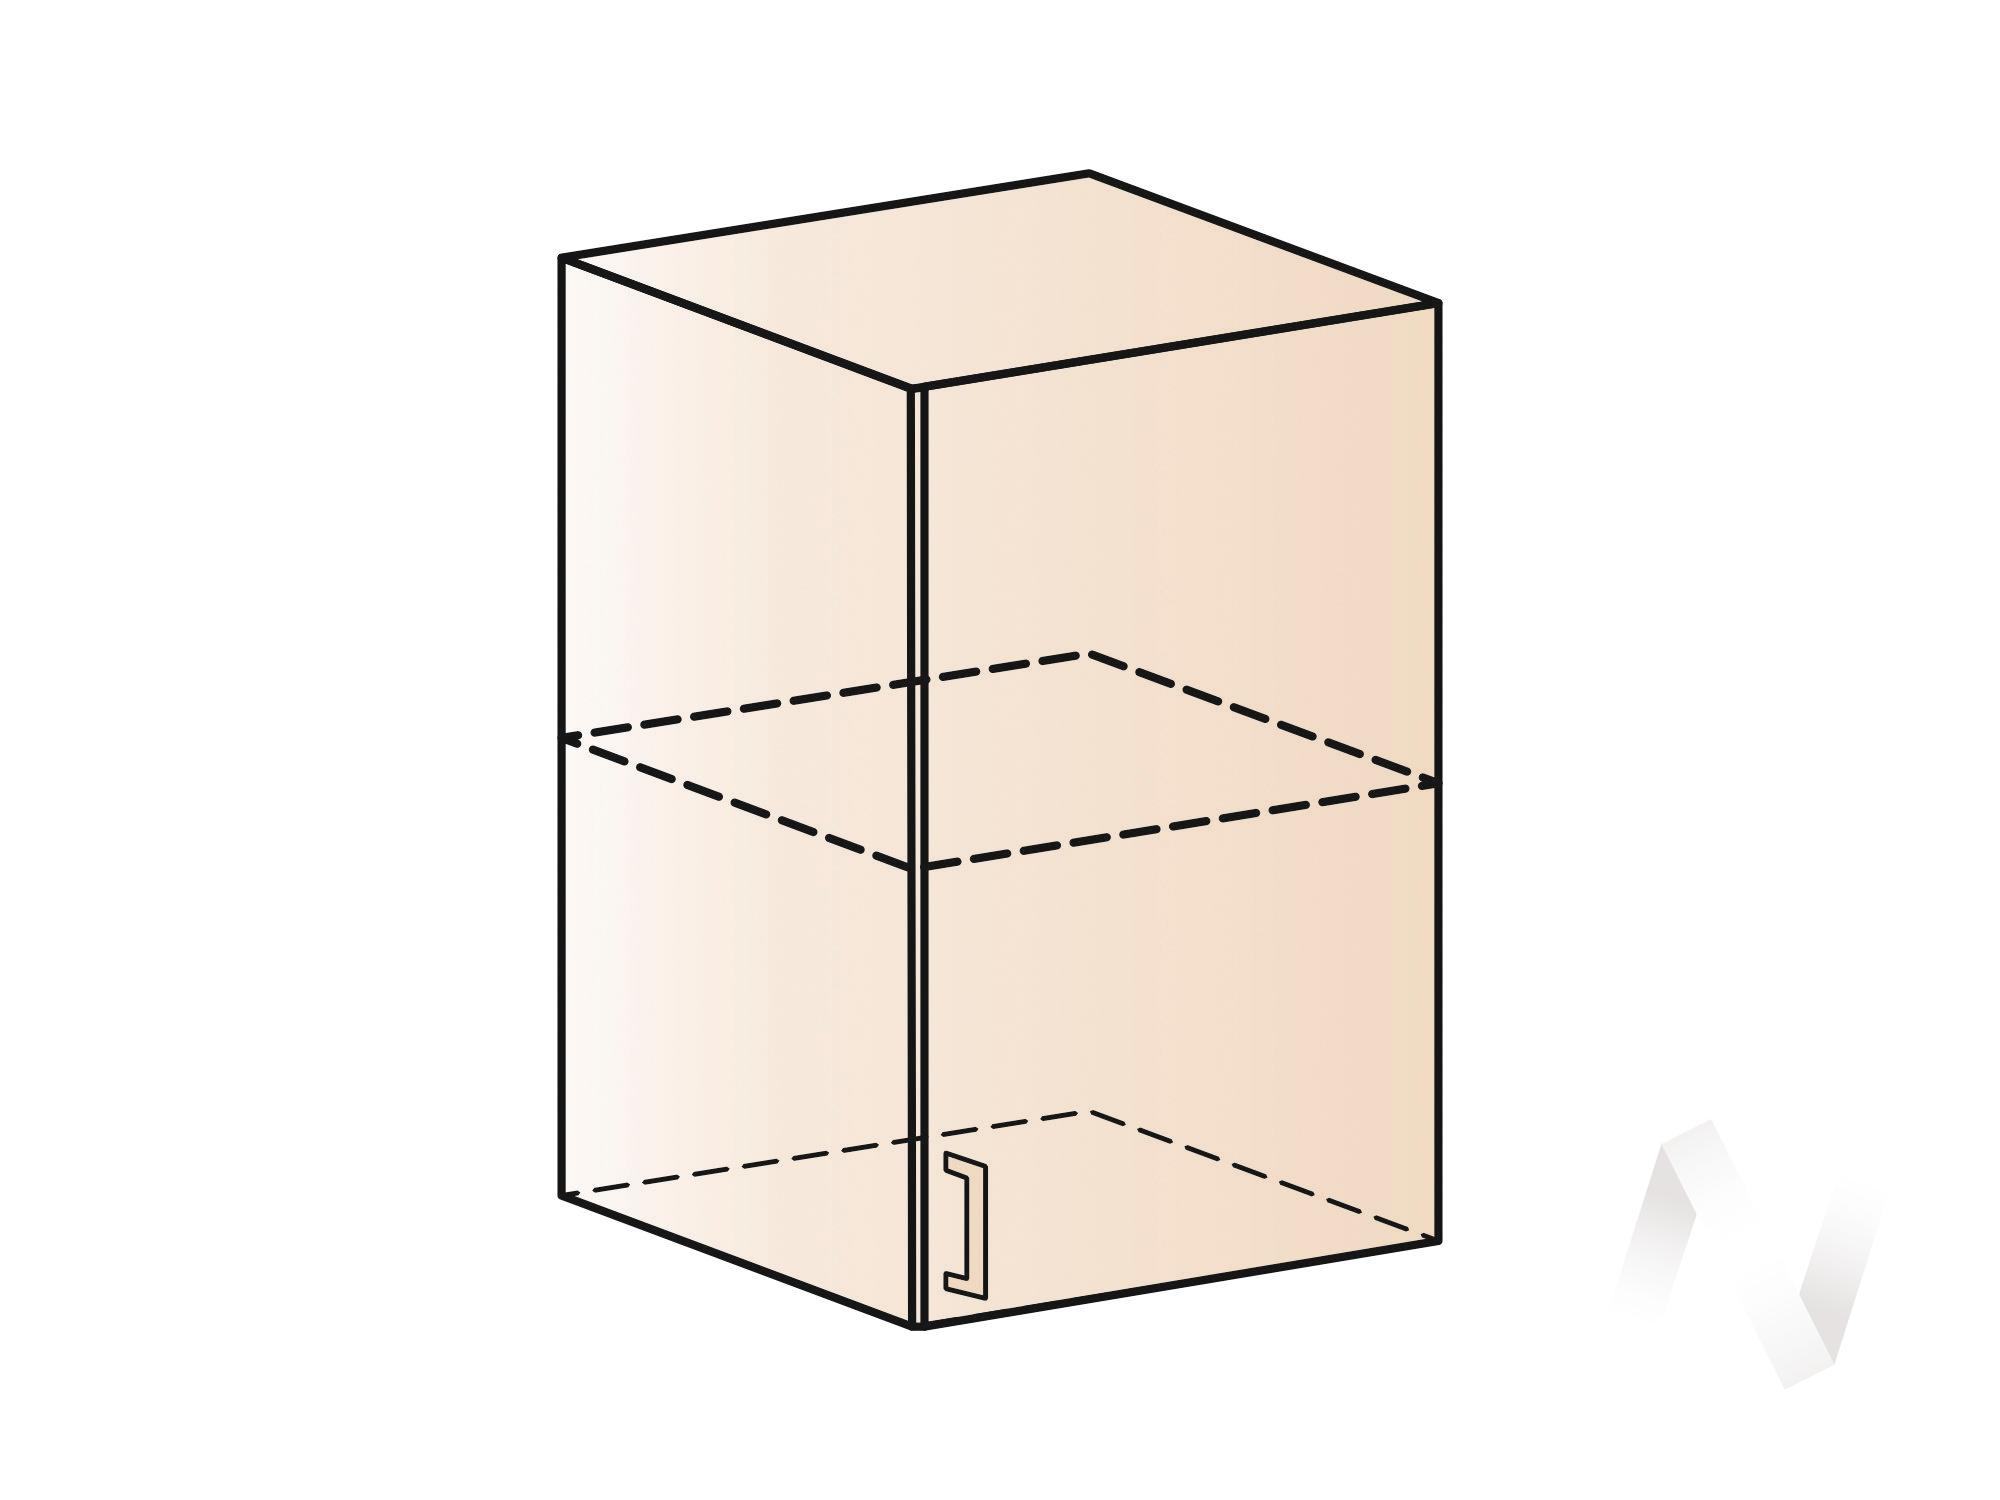 """Кухня """"Люкс"""": Шкаф верхний 500, ШВ 500 (Шелк жемчуг/корпус венге) в Томске — авторская мебель Экостиль"""